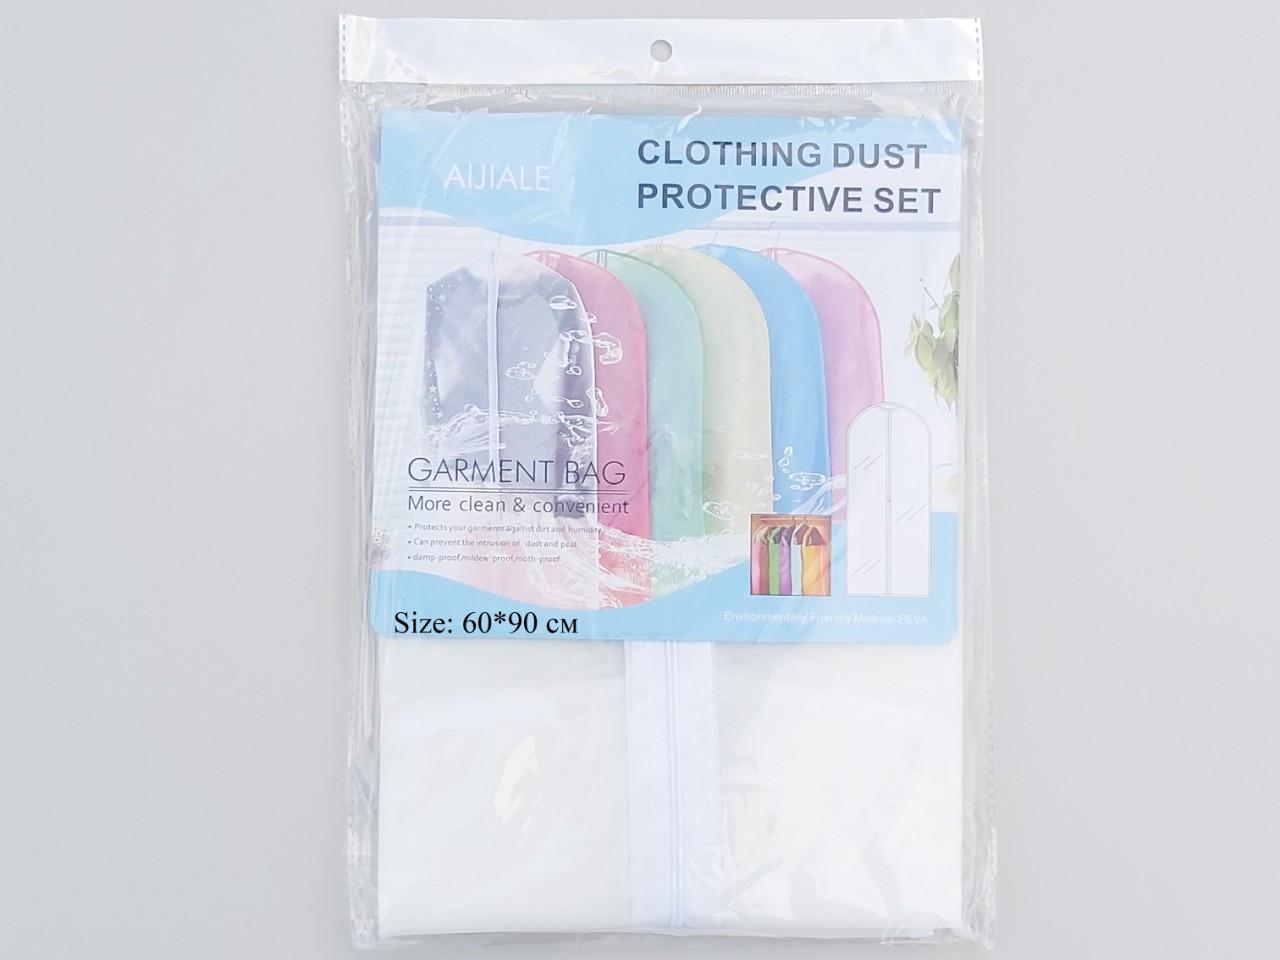 Чехол для хранения одежды из плащевки белого цвета, размер 60*90 см